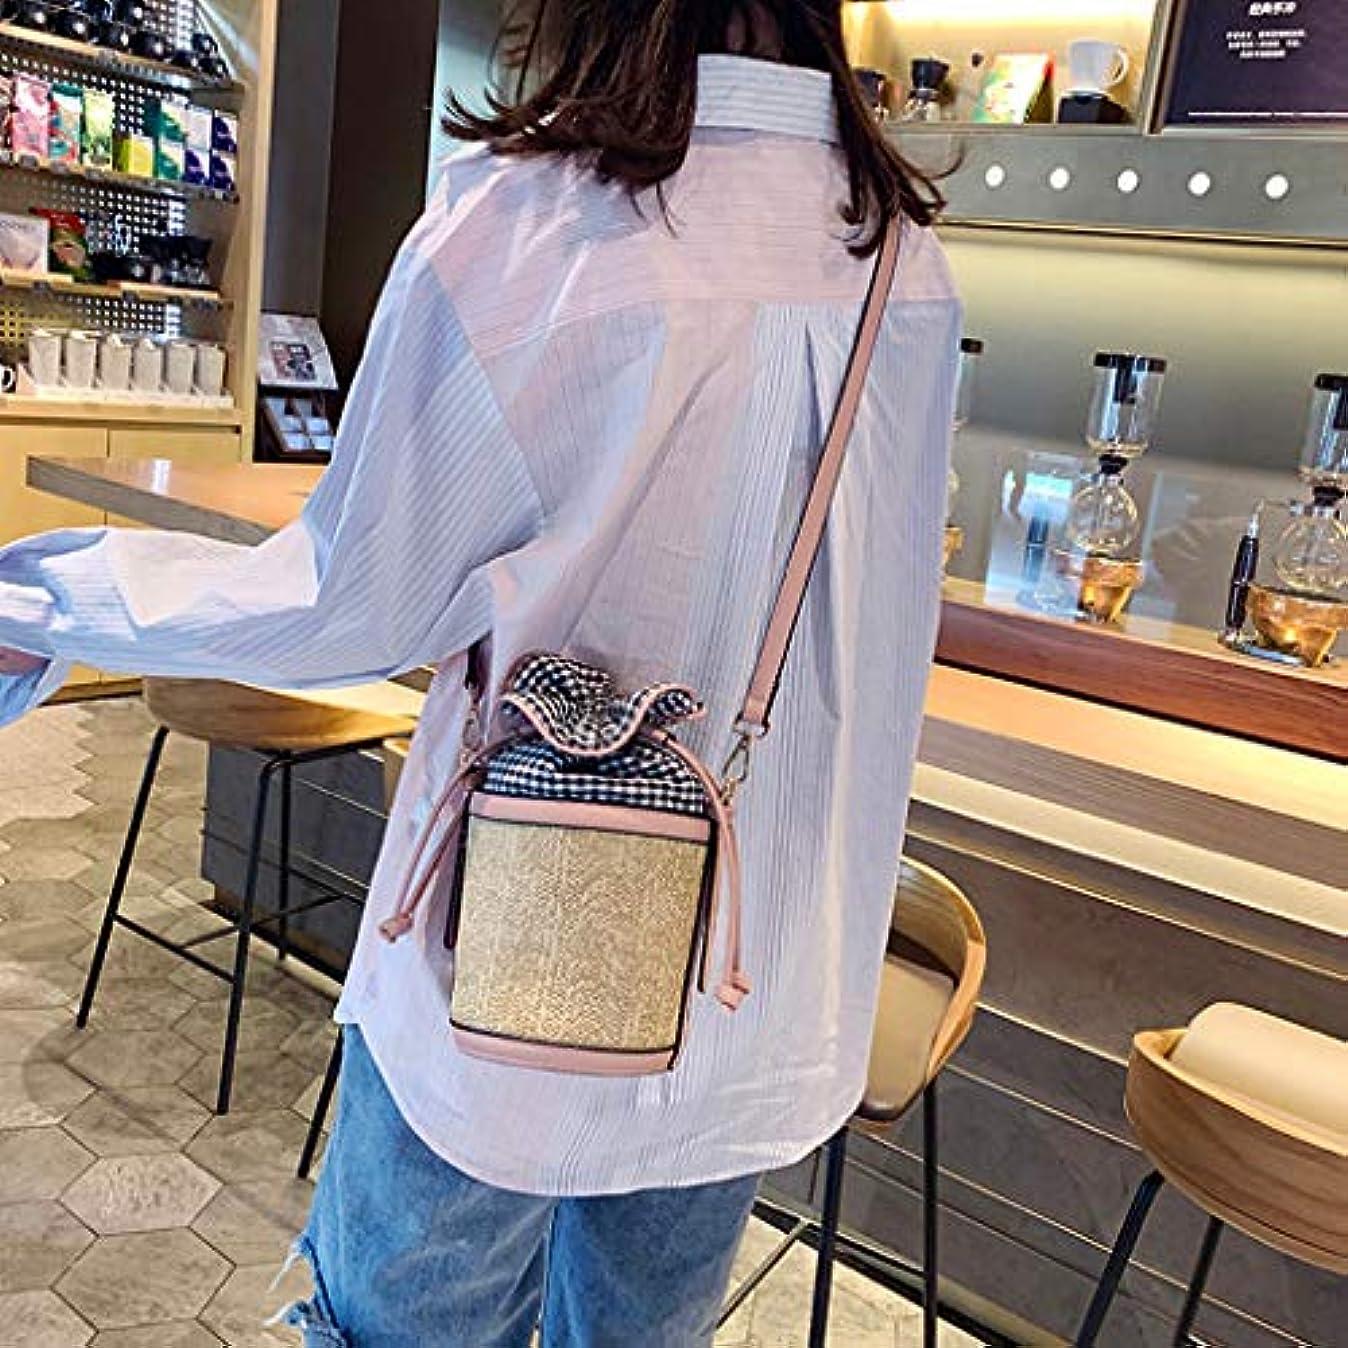 動作に対応パワーセルファッション女性レトロ織り格子革バケットバッグクロスボディバッグショルダーバッグ、女性のヴィンテージ織格子縞ステッチバケットバッグ斜めバッグ (ピンク)